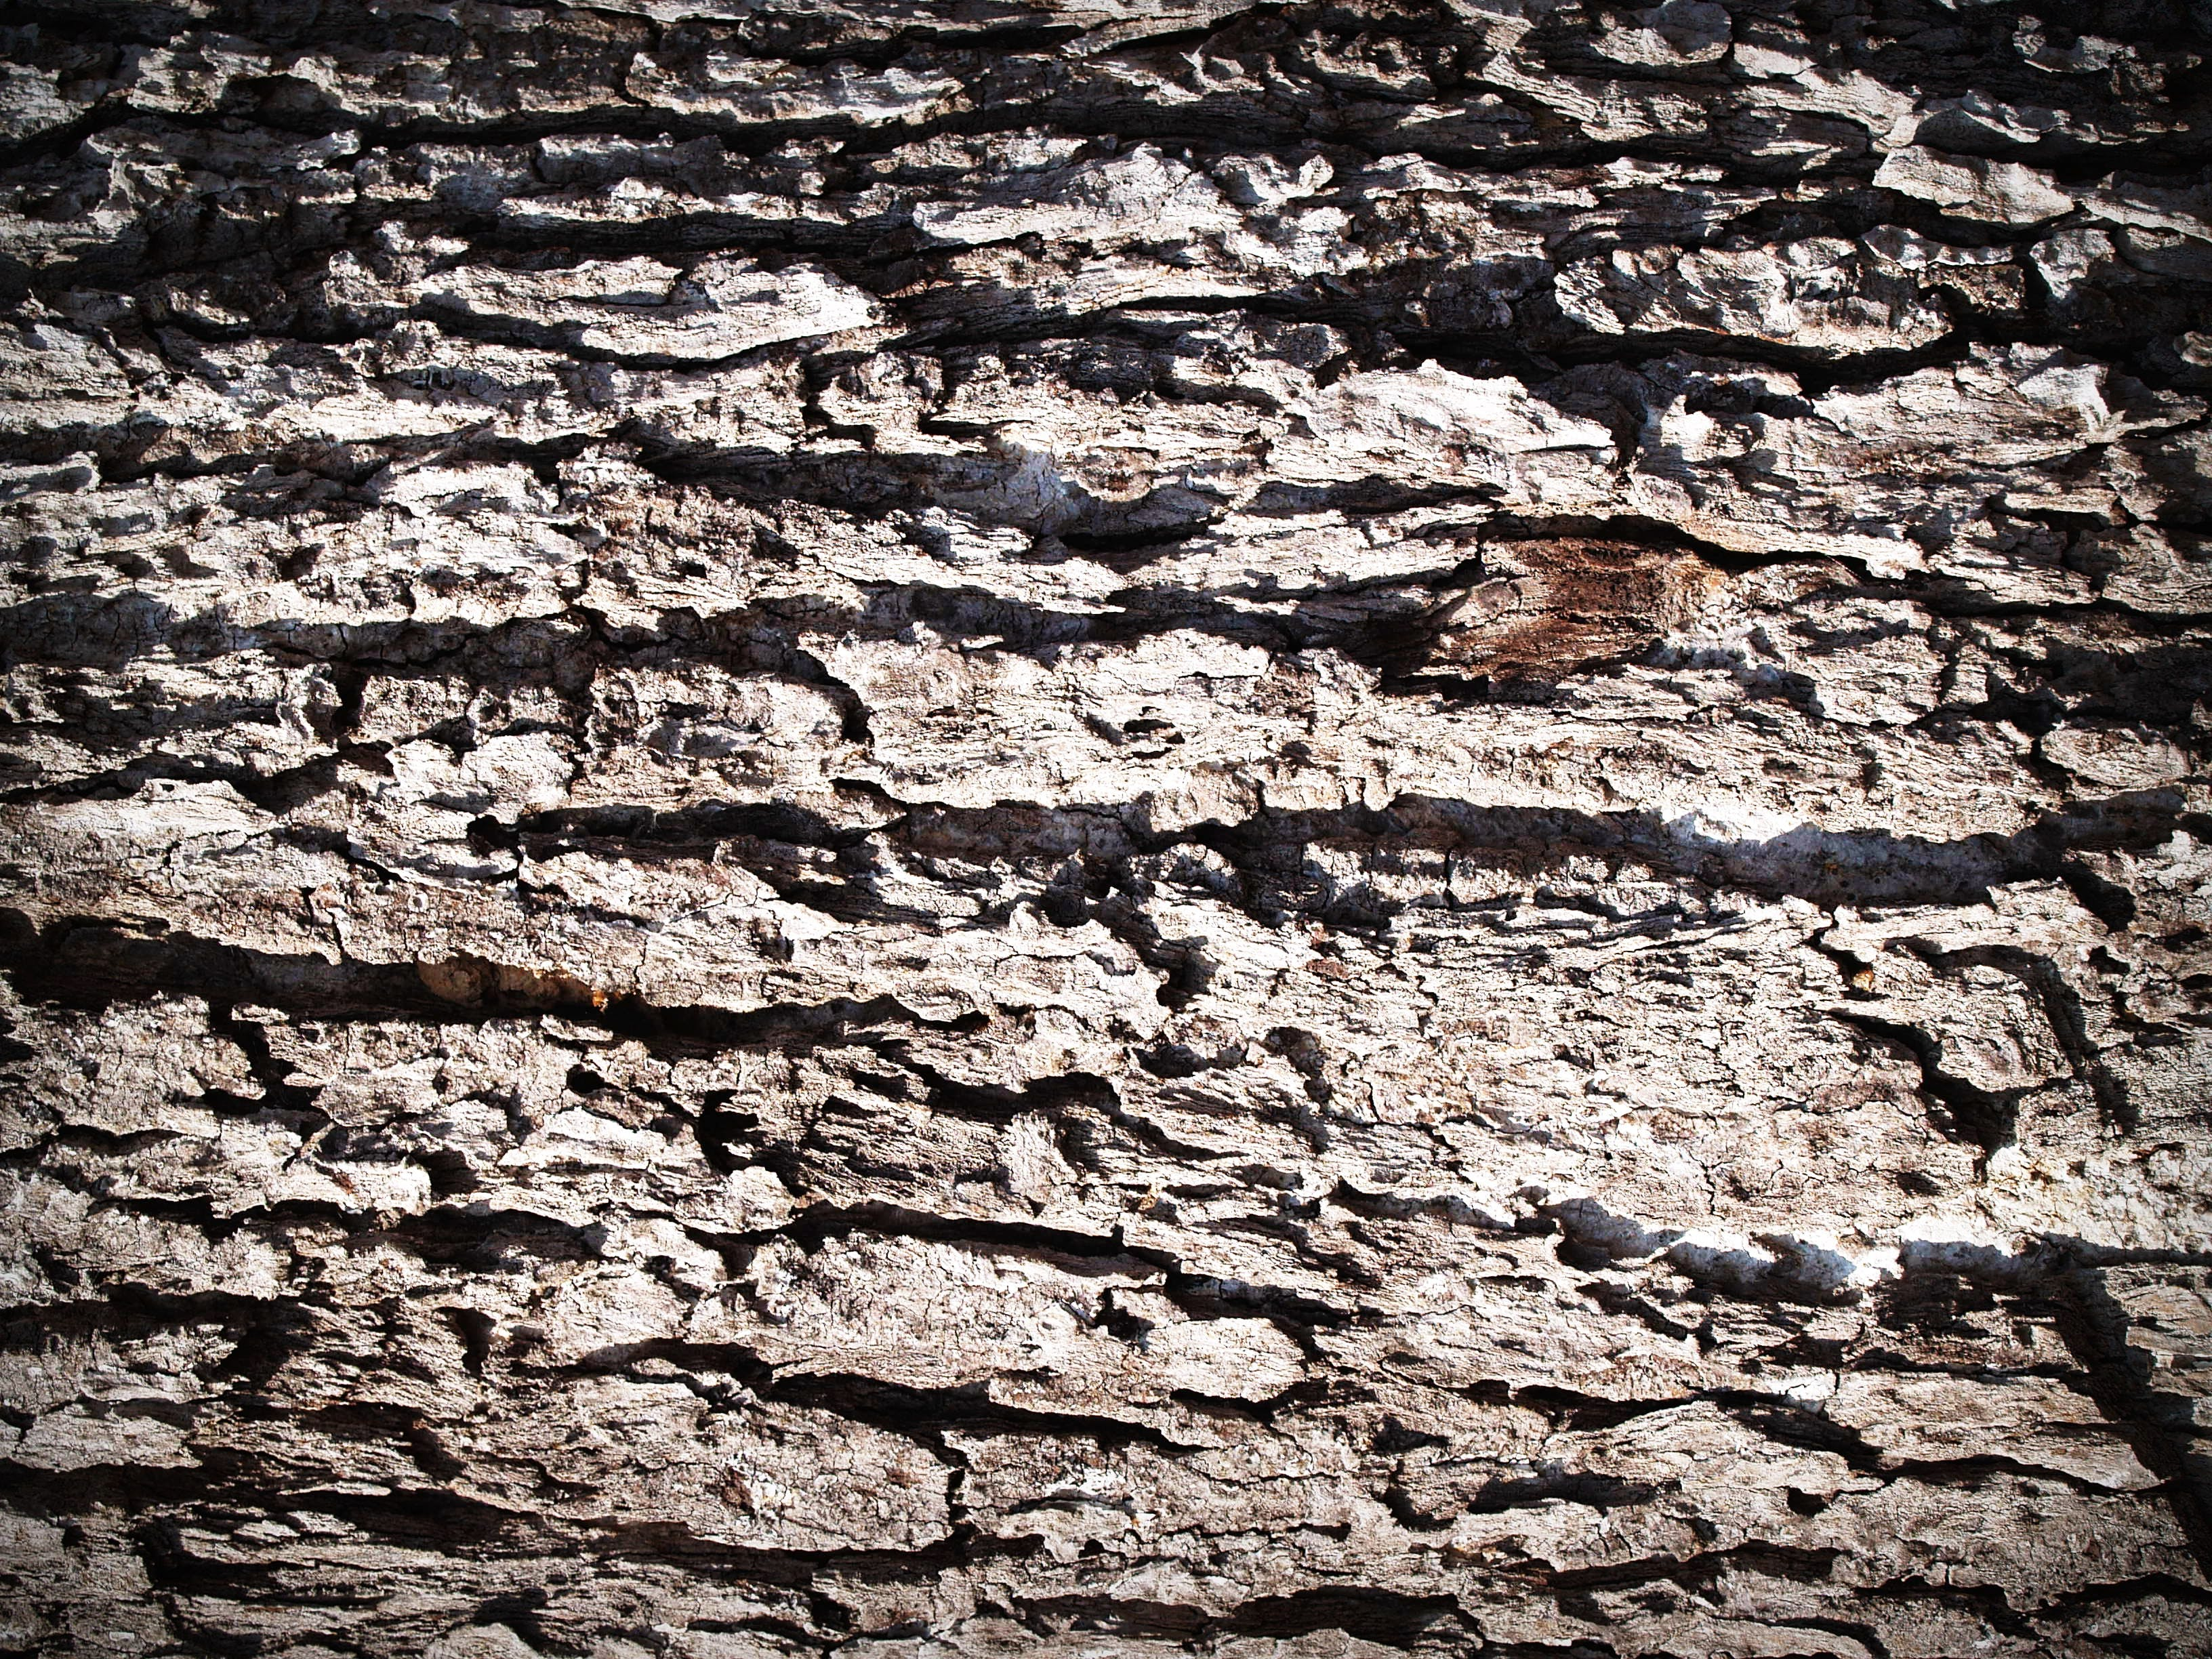 Fotos de stock gratuitas de árbol, áspero, bañador, corteza